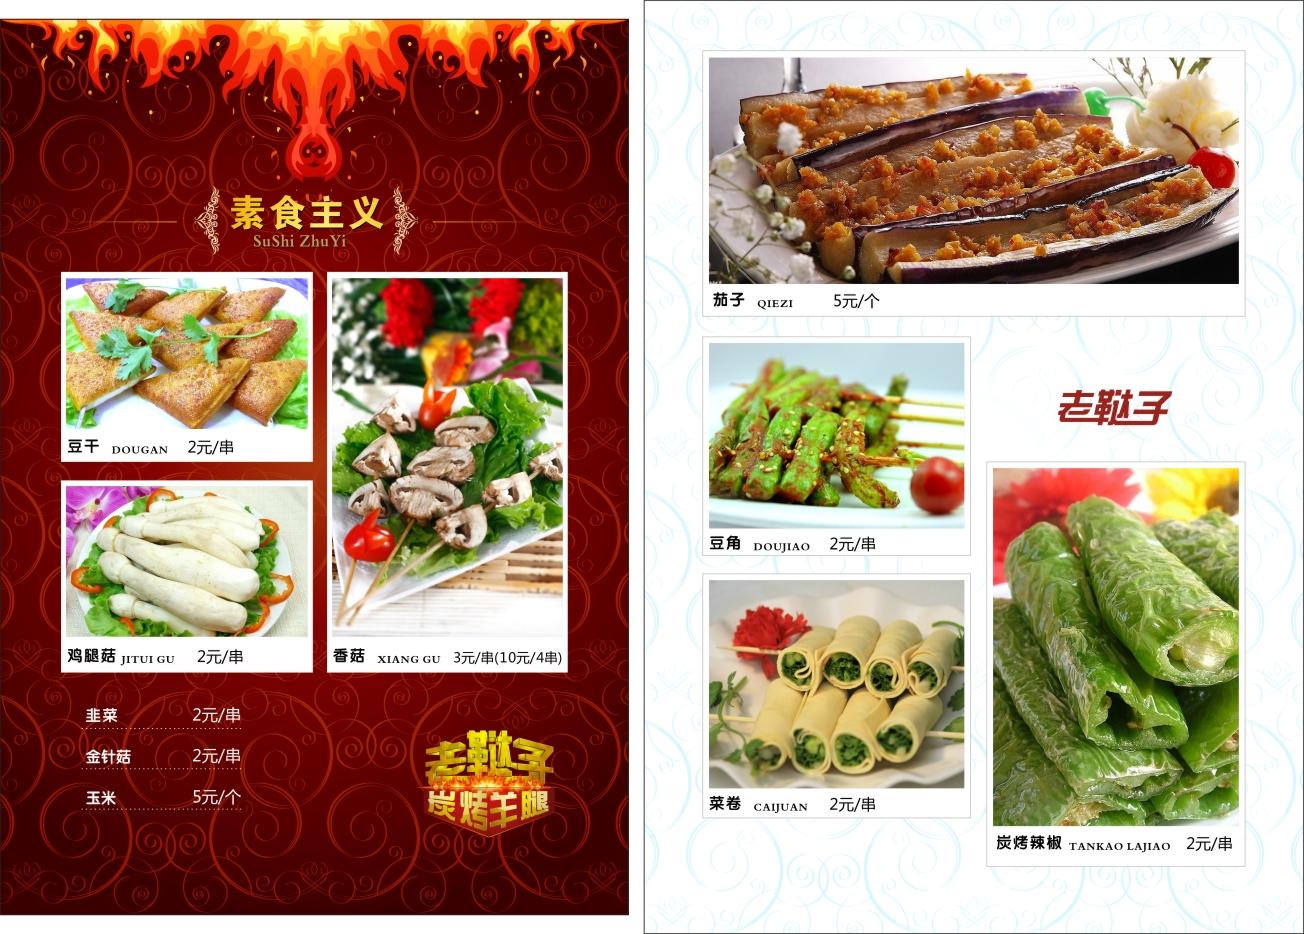 13菜谱册炭烤羊腿 烧烤店菜单